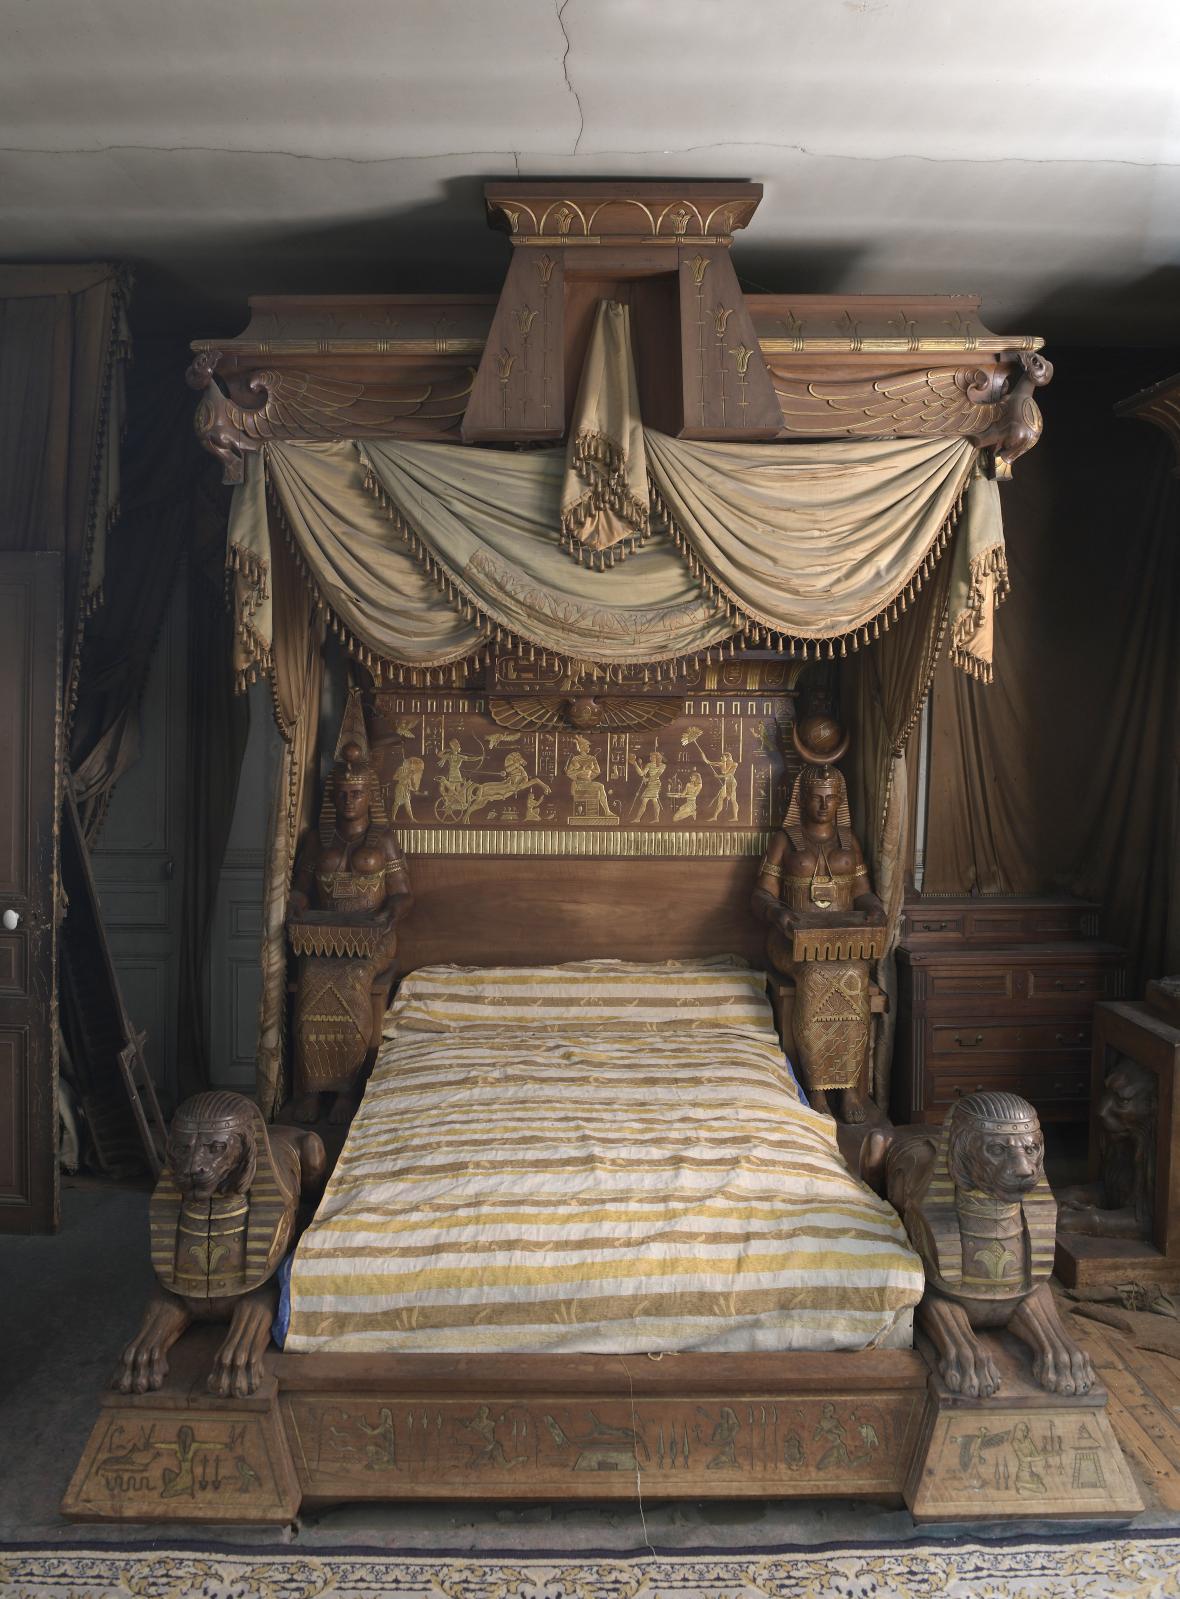 Louis Malard, fin des années1880, chambre à coucher de style néo-égyptien en noyer ciré, sculptures rehaussées de tons or, rouge et vert, comprenant